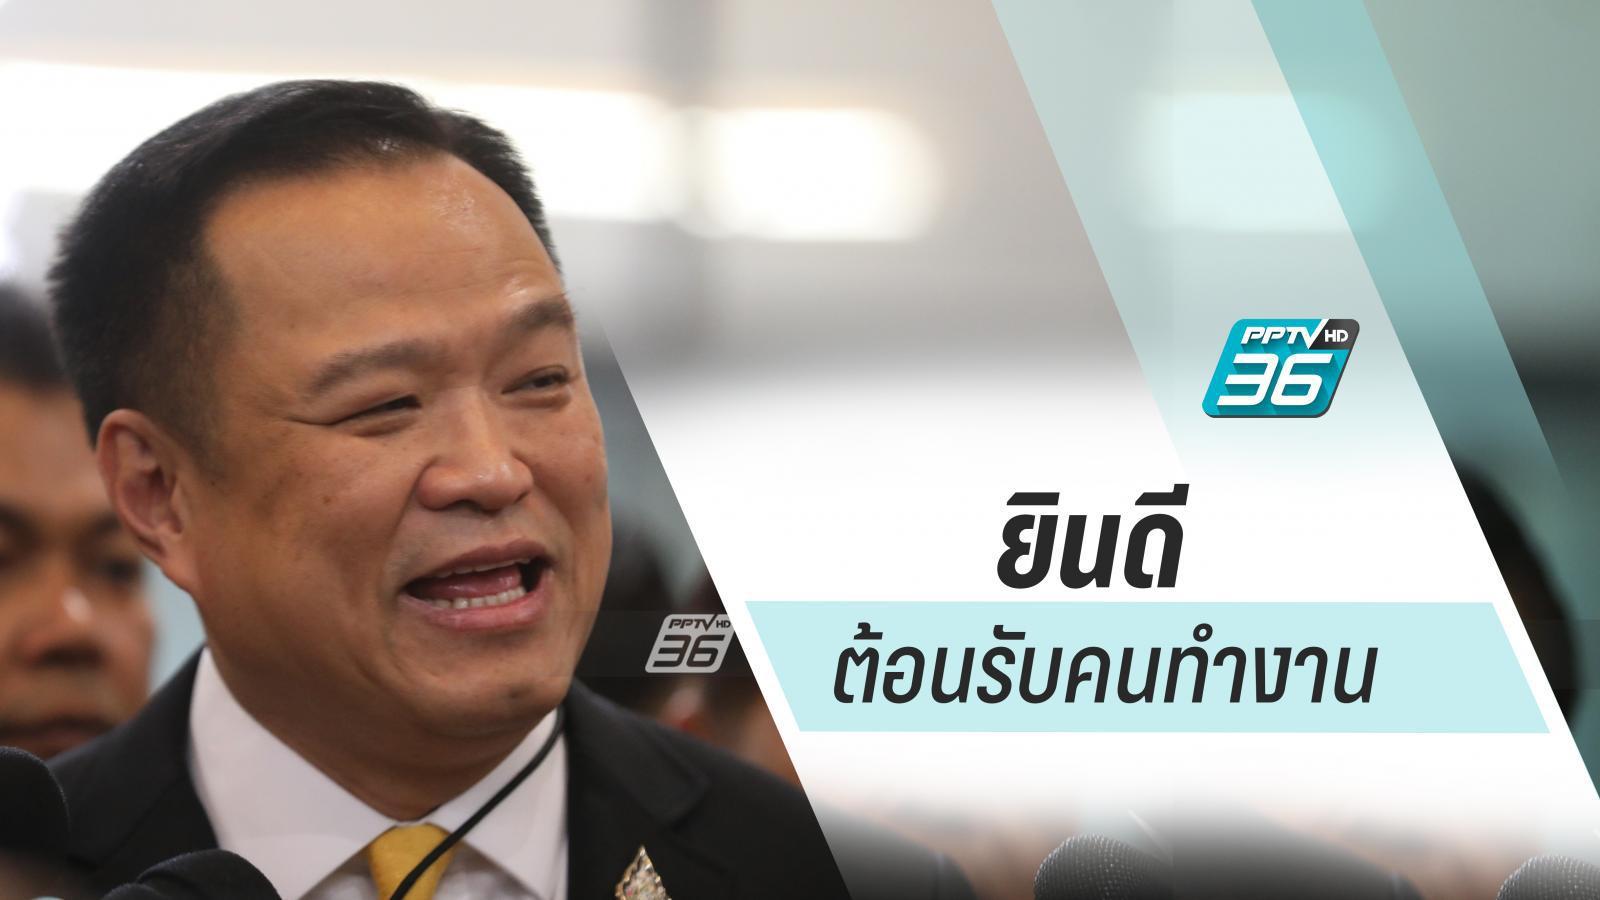 """""""เสี่ยหนู"""" ยัน ภูมิใจไทย ไม่เคยทาบทามอดีตส.ส.อนาคตใหม่ ร่วมพรรคก่อน"""